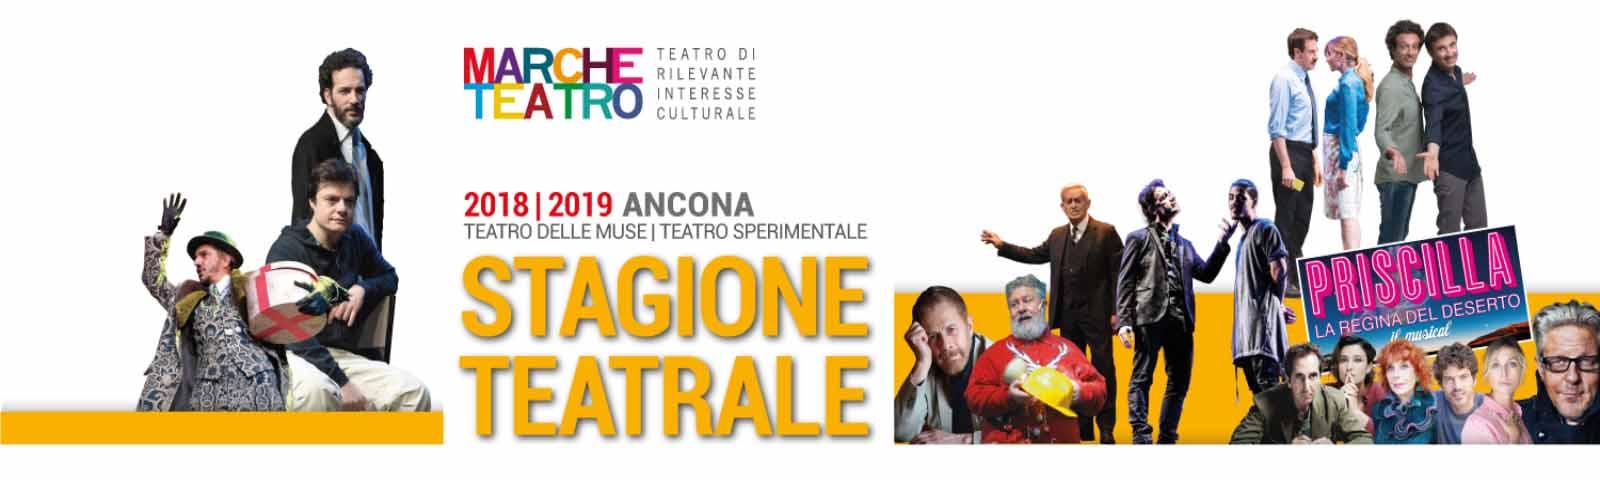 Marche Teatro Stagione 2018-19